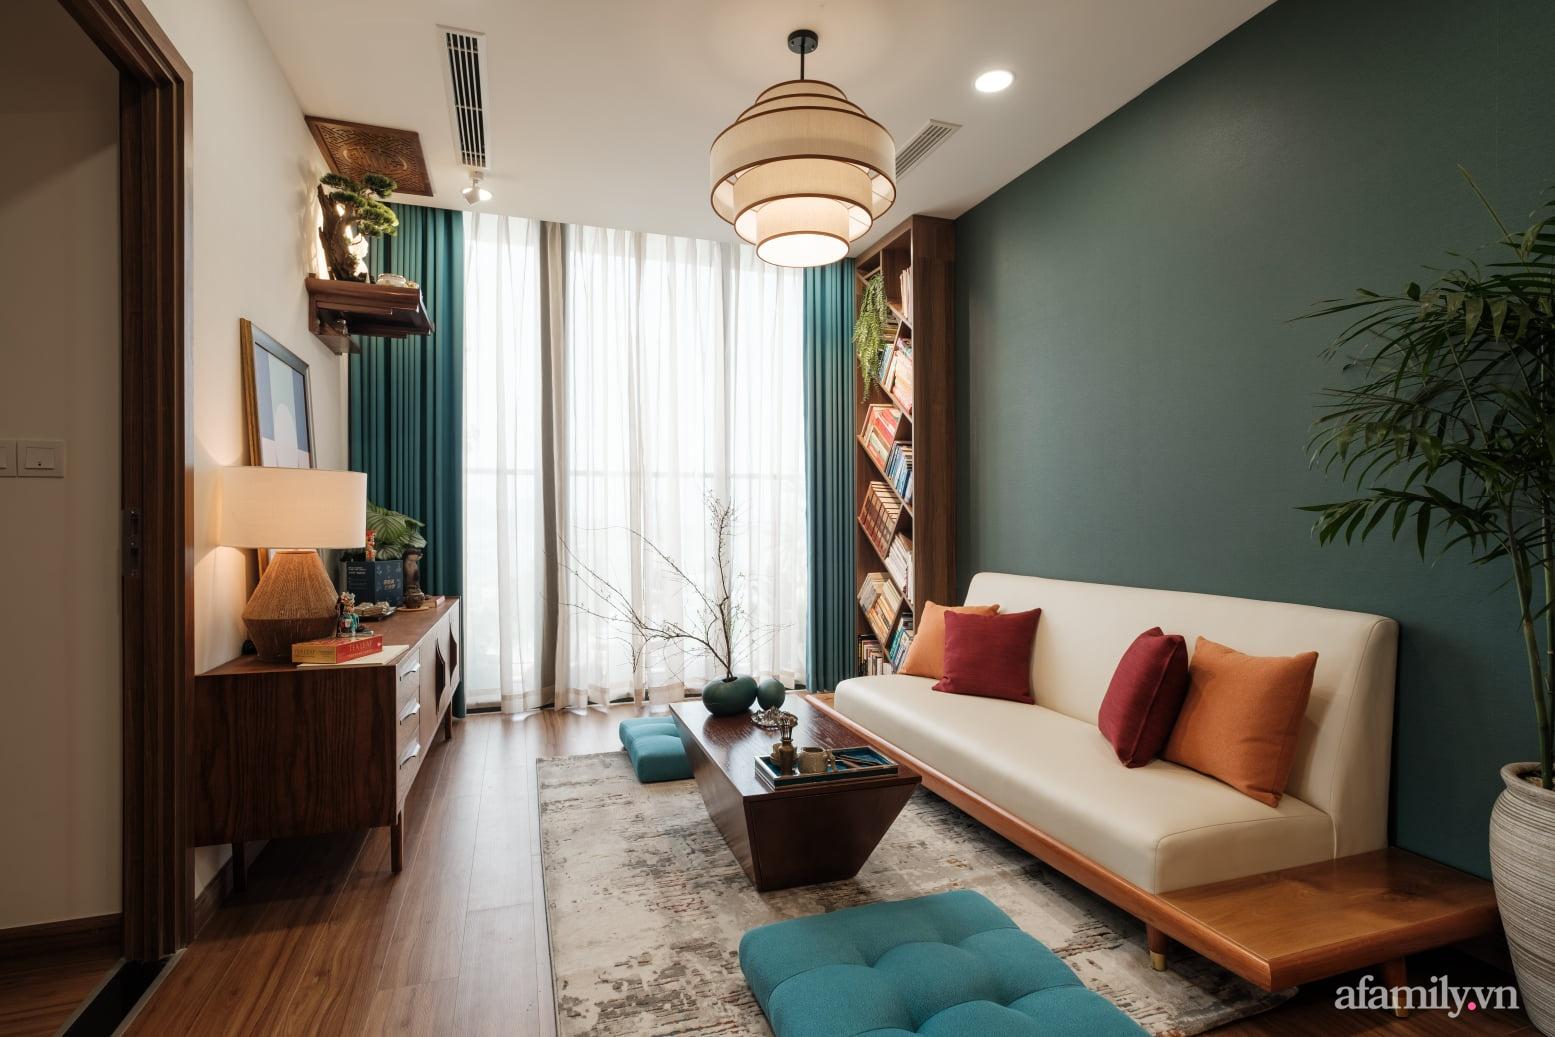 Căn hộ 60m² đẹp tĩnh lặng và tinh tế mang hơi thở của Zen ở quận 7 Sài Gòn - Ảnh 2.